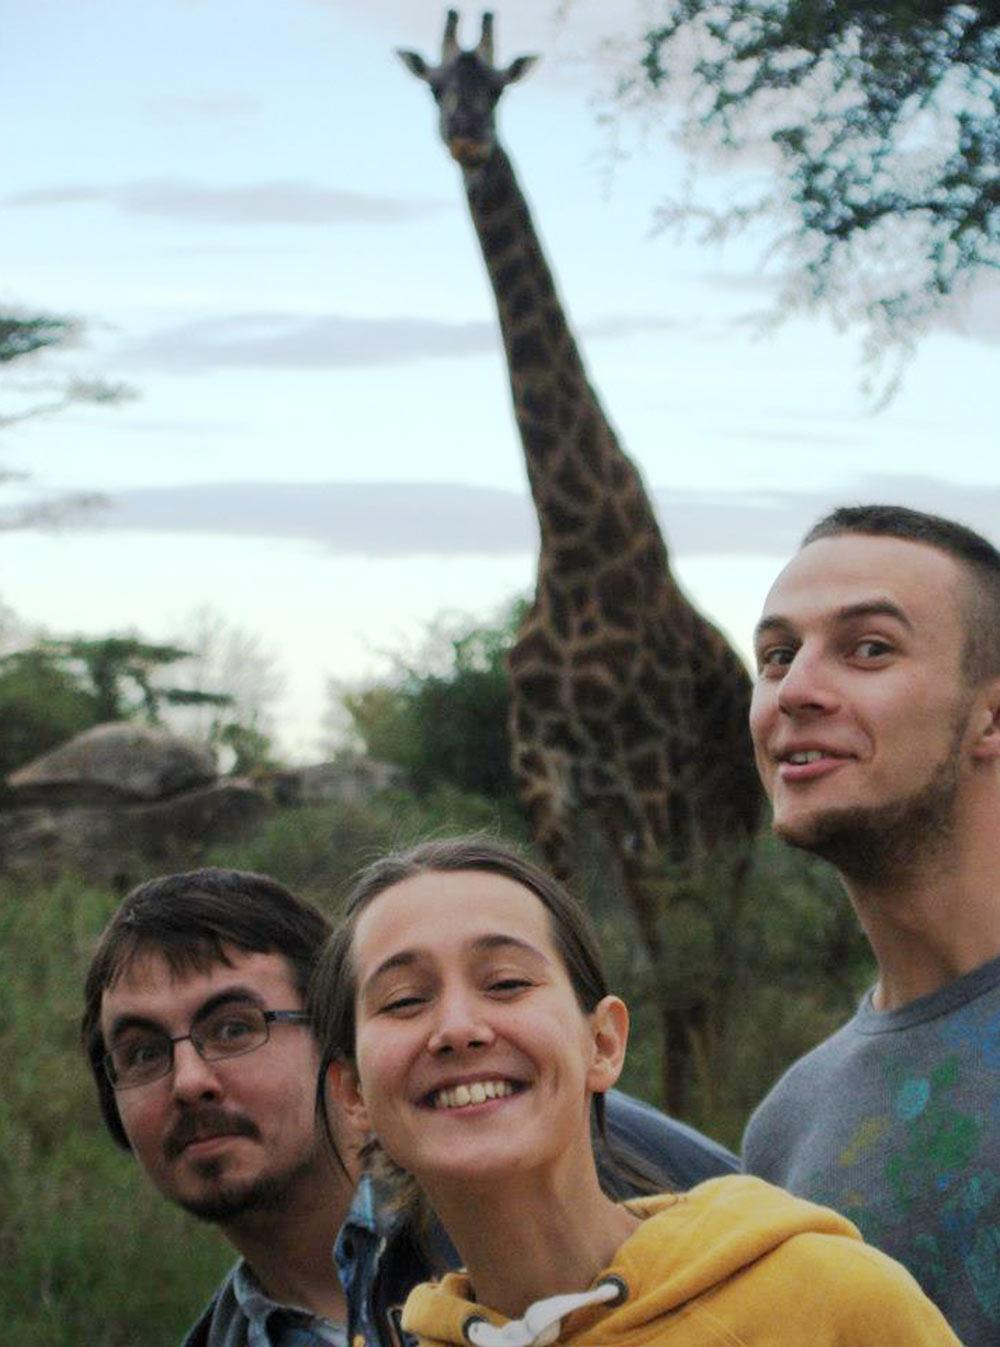 Жираф вкемпинге посреди Серенгети. Мыстарательно тянем шеи, чтобы нанего походить, ажираф выглядит заинтересованным. Между нами иимвсего метров 10—15 иникакой ограды. Тогда яузнала, чтожирафы очень доброжелательны и не опасны. Всеравно быть такблизко страшновато